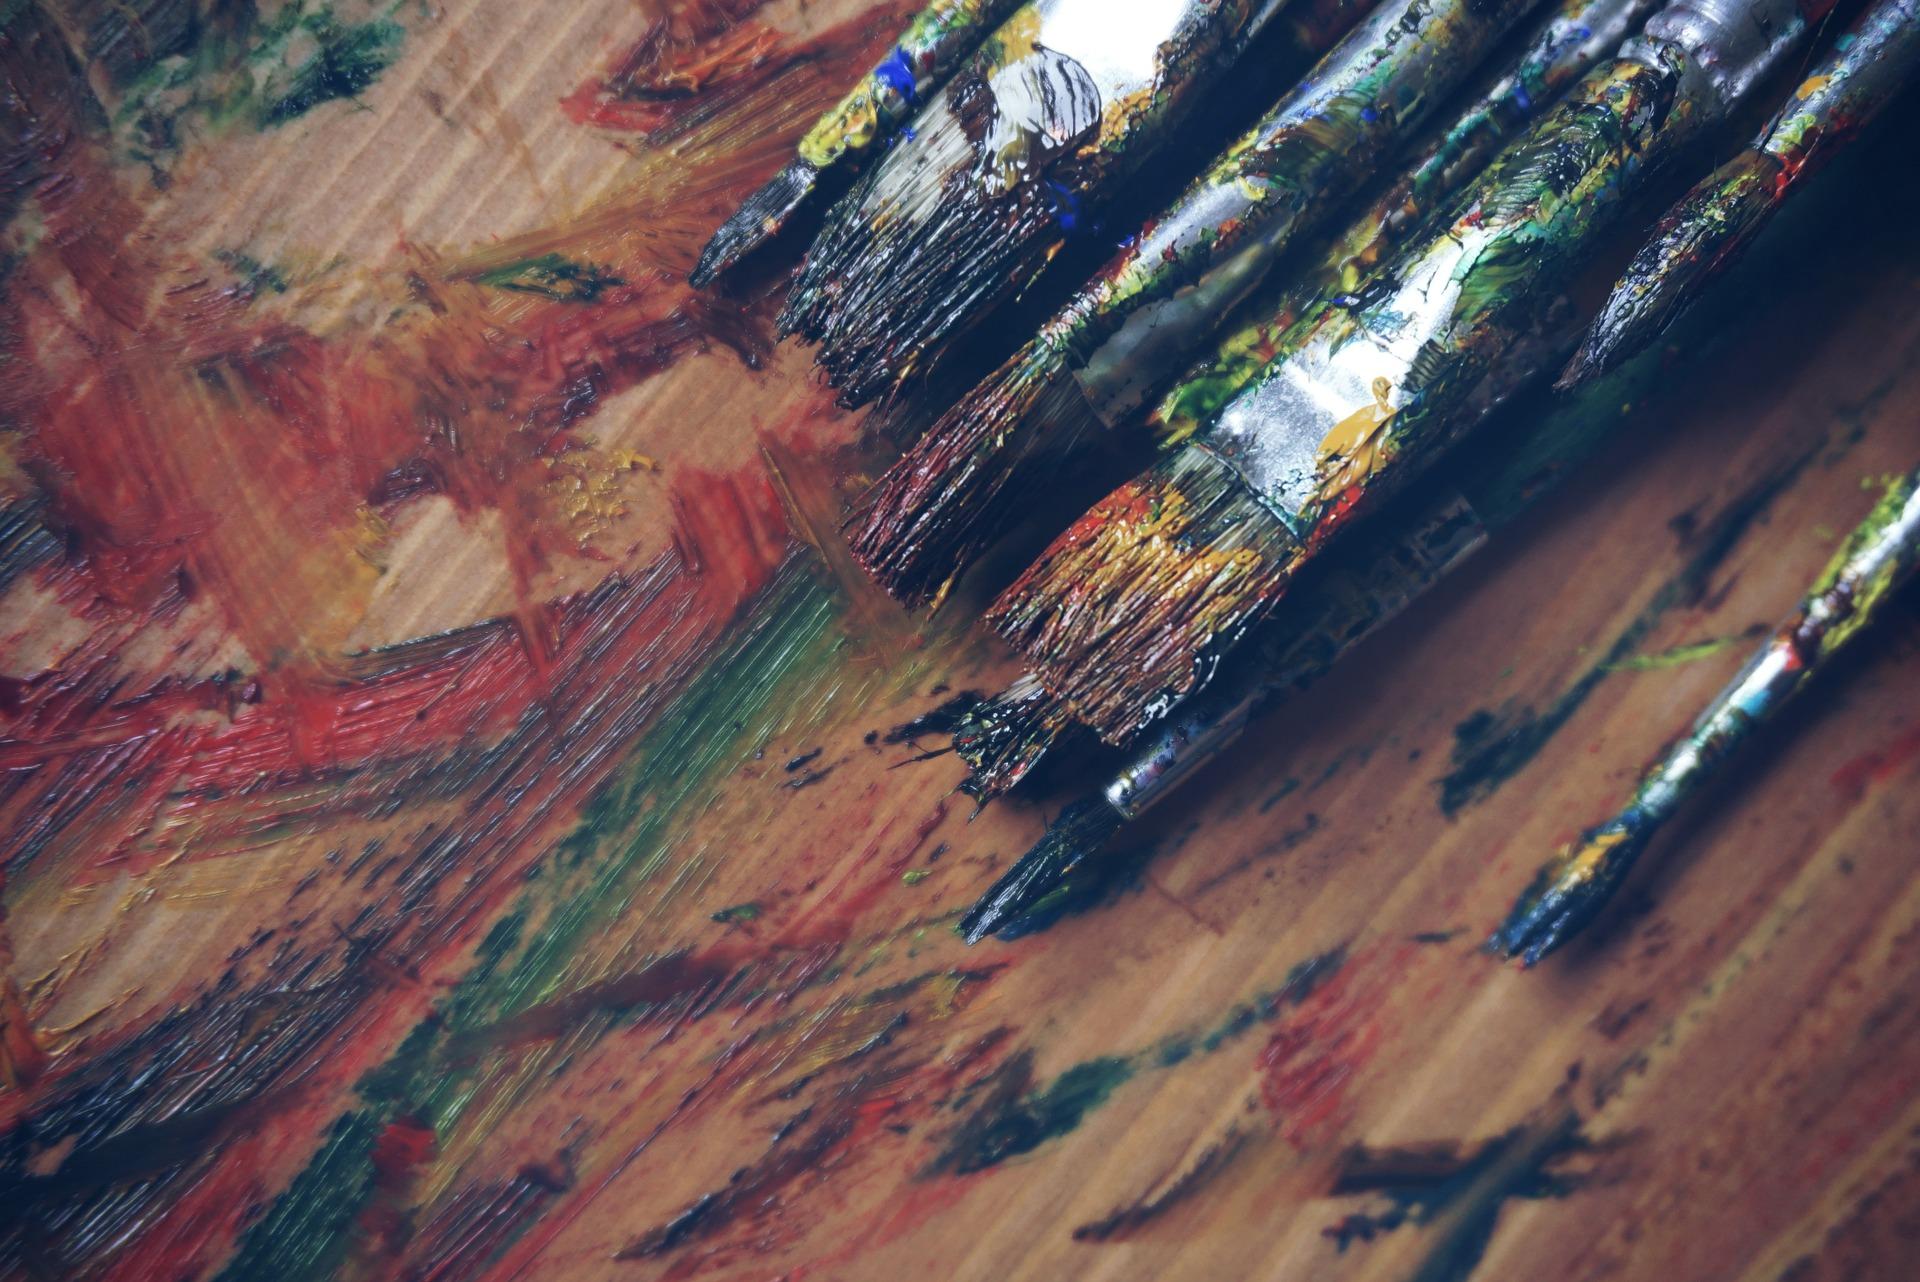 Gemeente schenkt deel eigen kunstcollectie